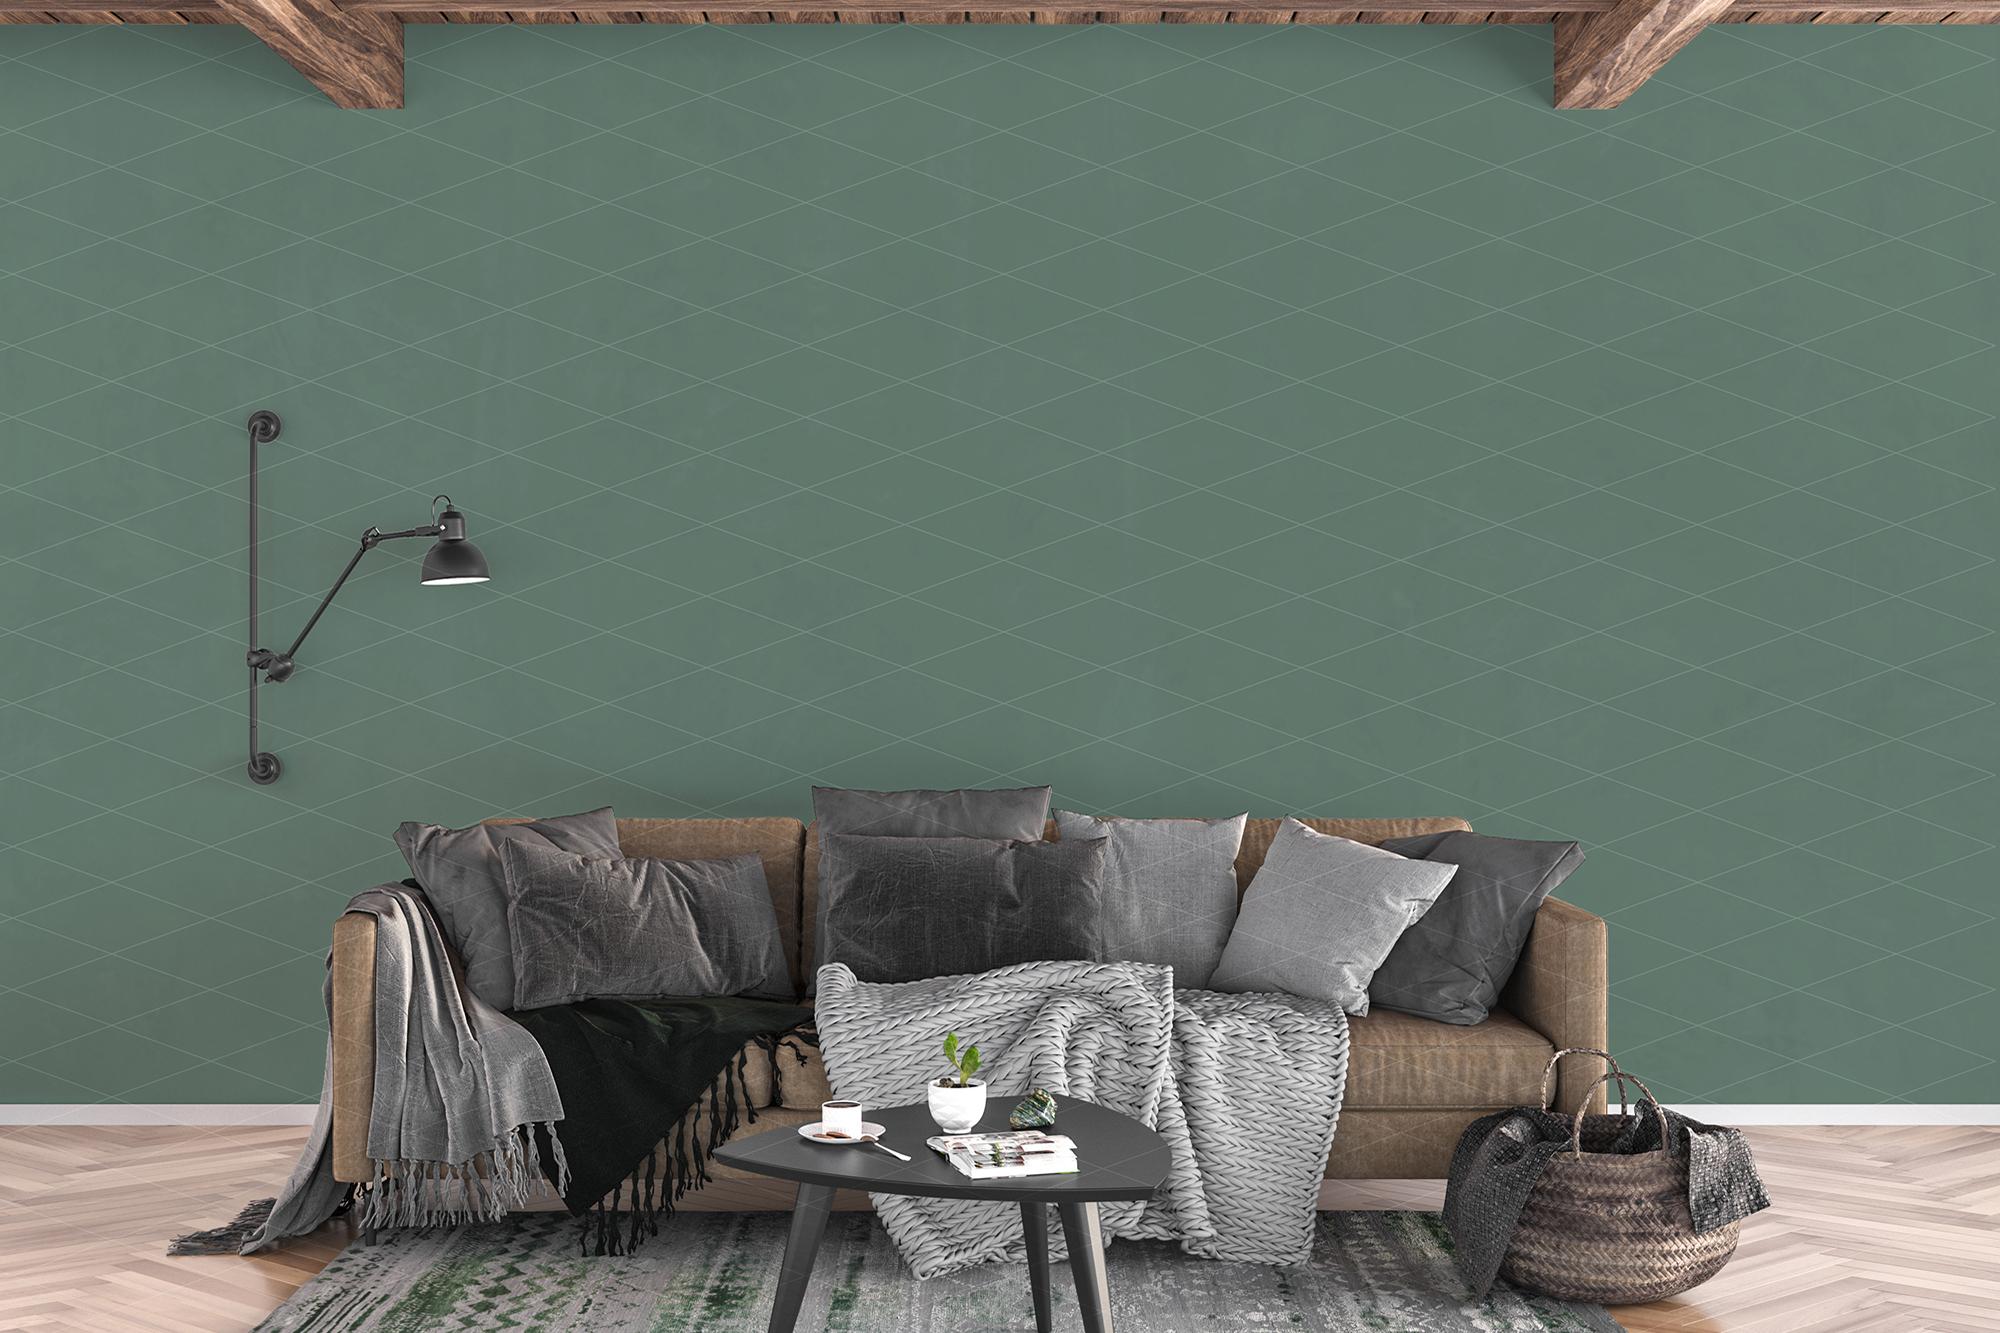 Wall mockup - wallpaper mock up example image 6